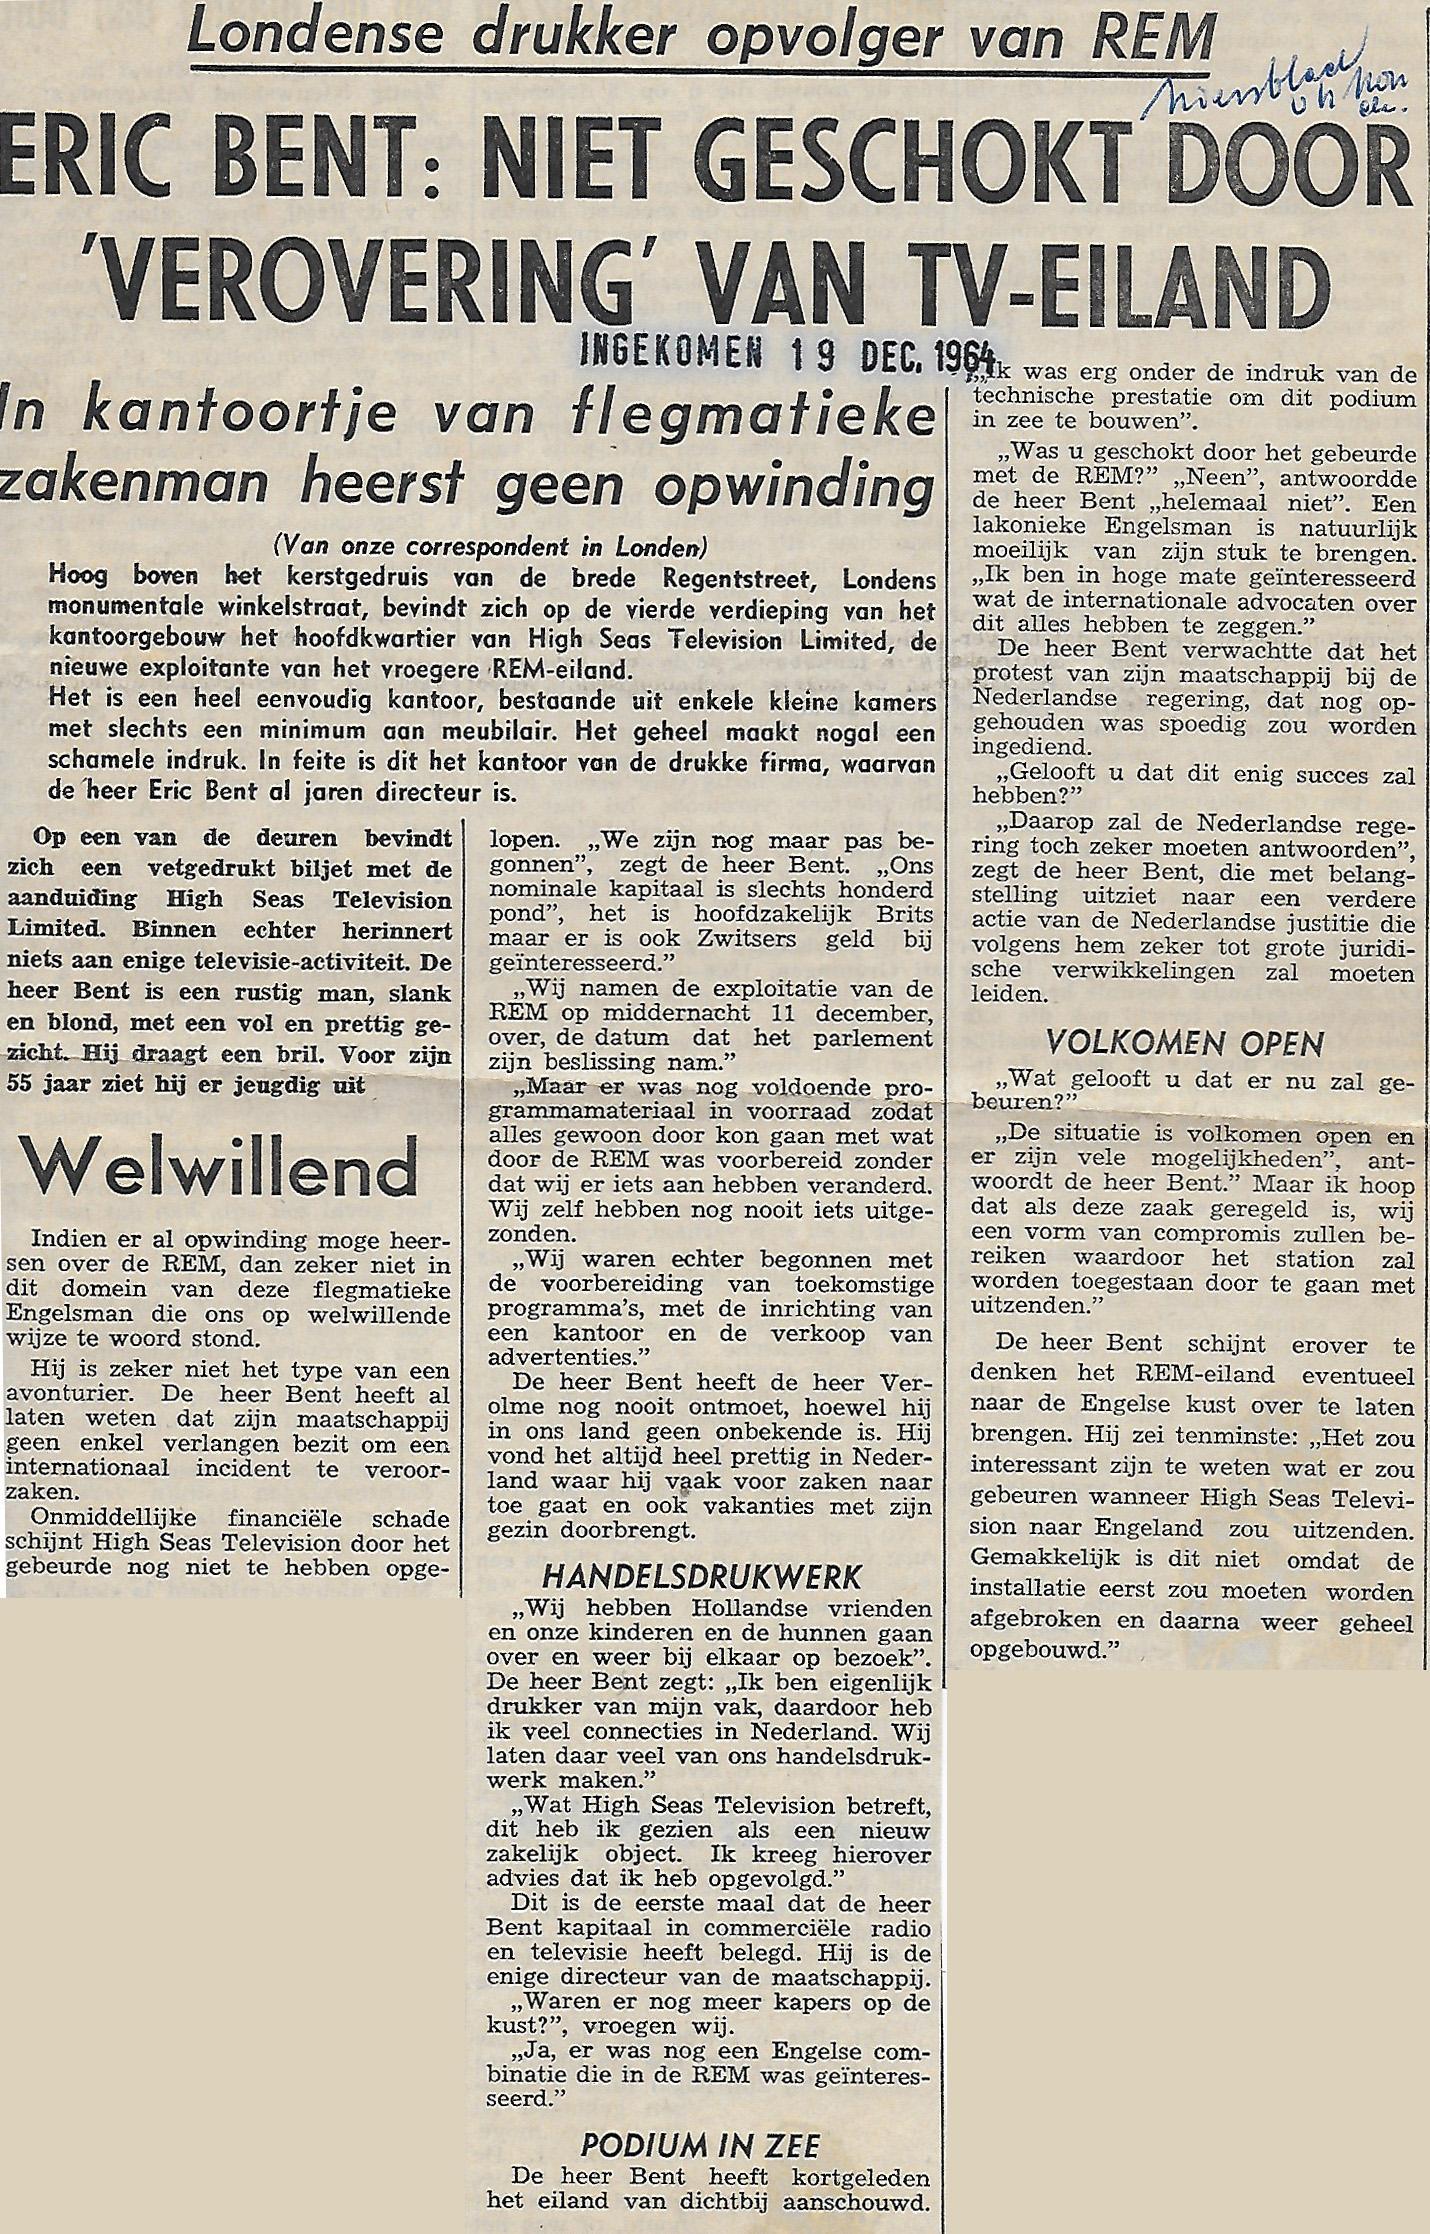 19641219 Niet geschokt door verovering van TV-eiland REM.jpg